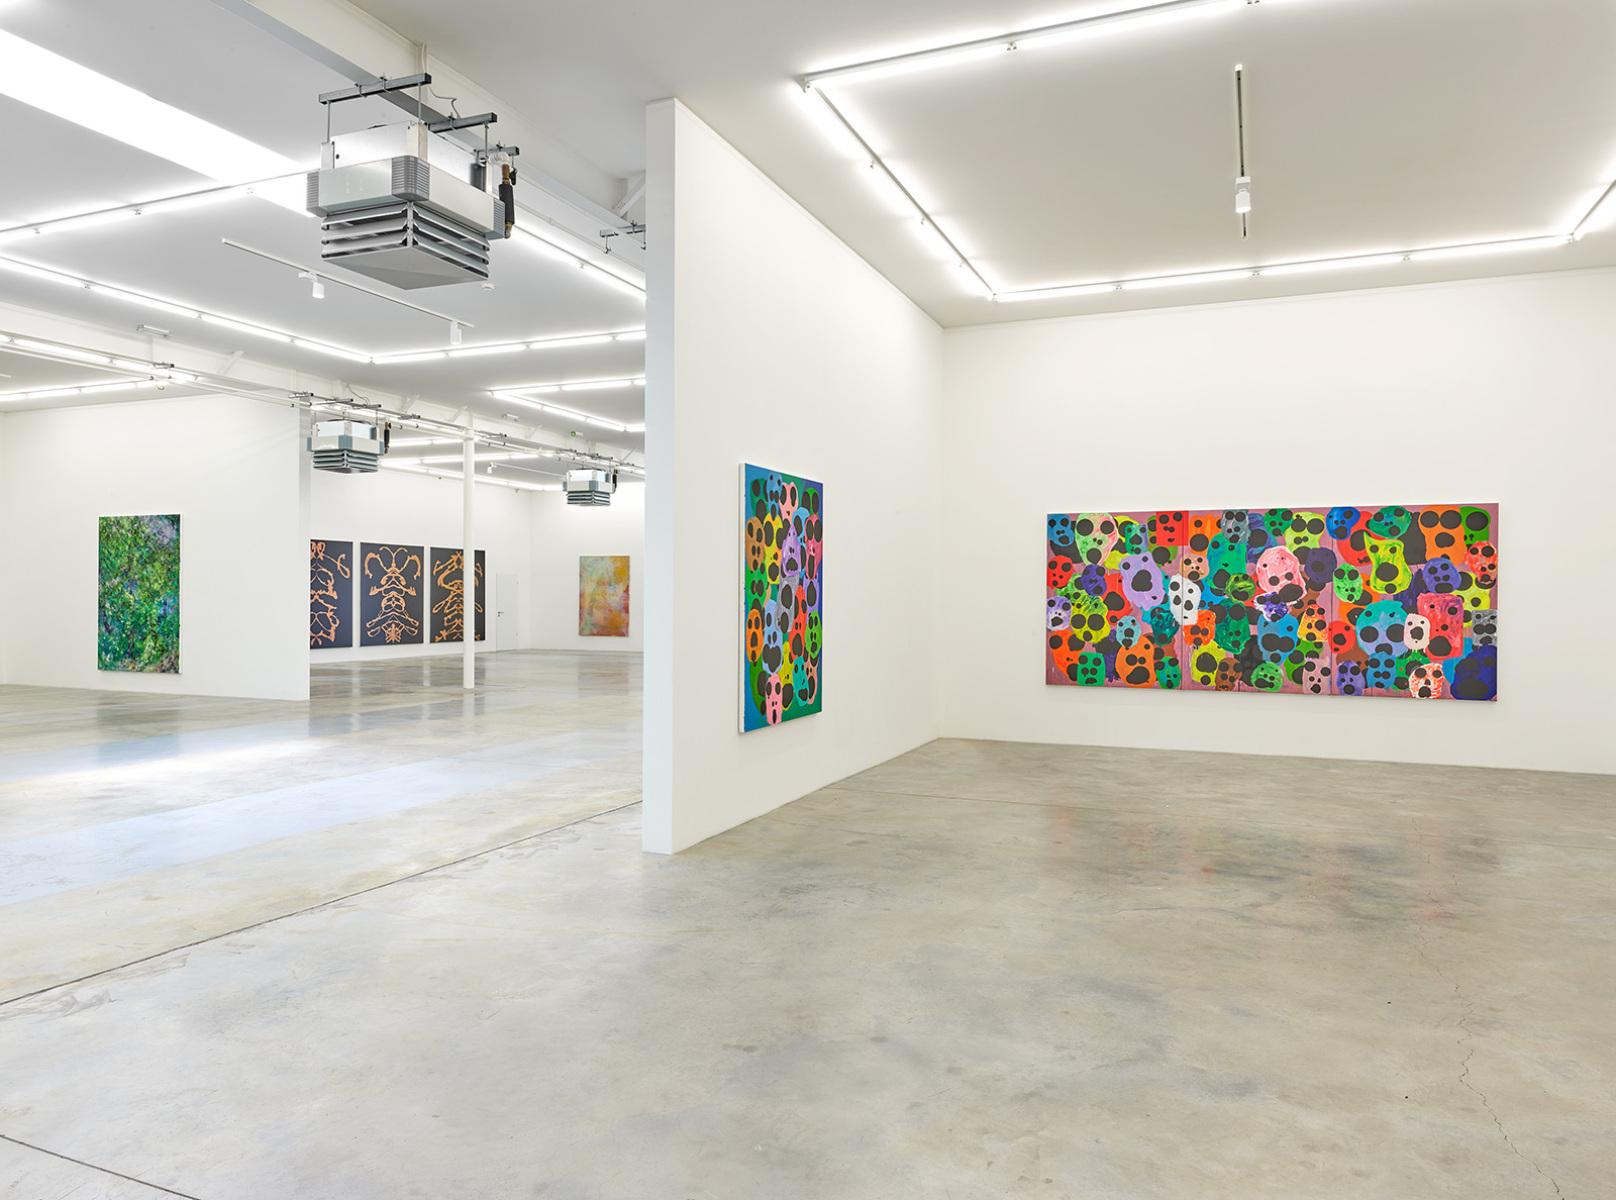 Exhibition view, Mitja Tušek, Freitzeit ist Arbeit, Wandhaff, juin 2021 #12